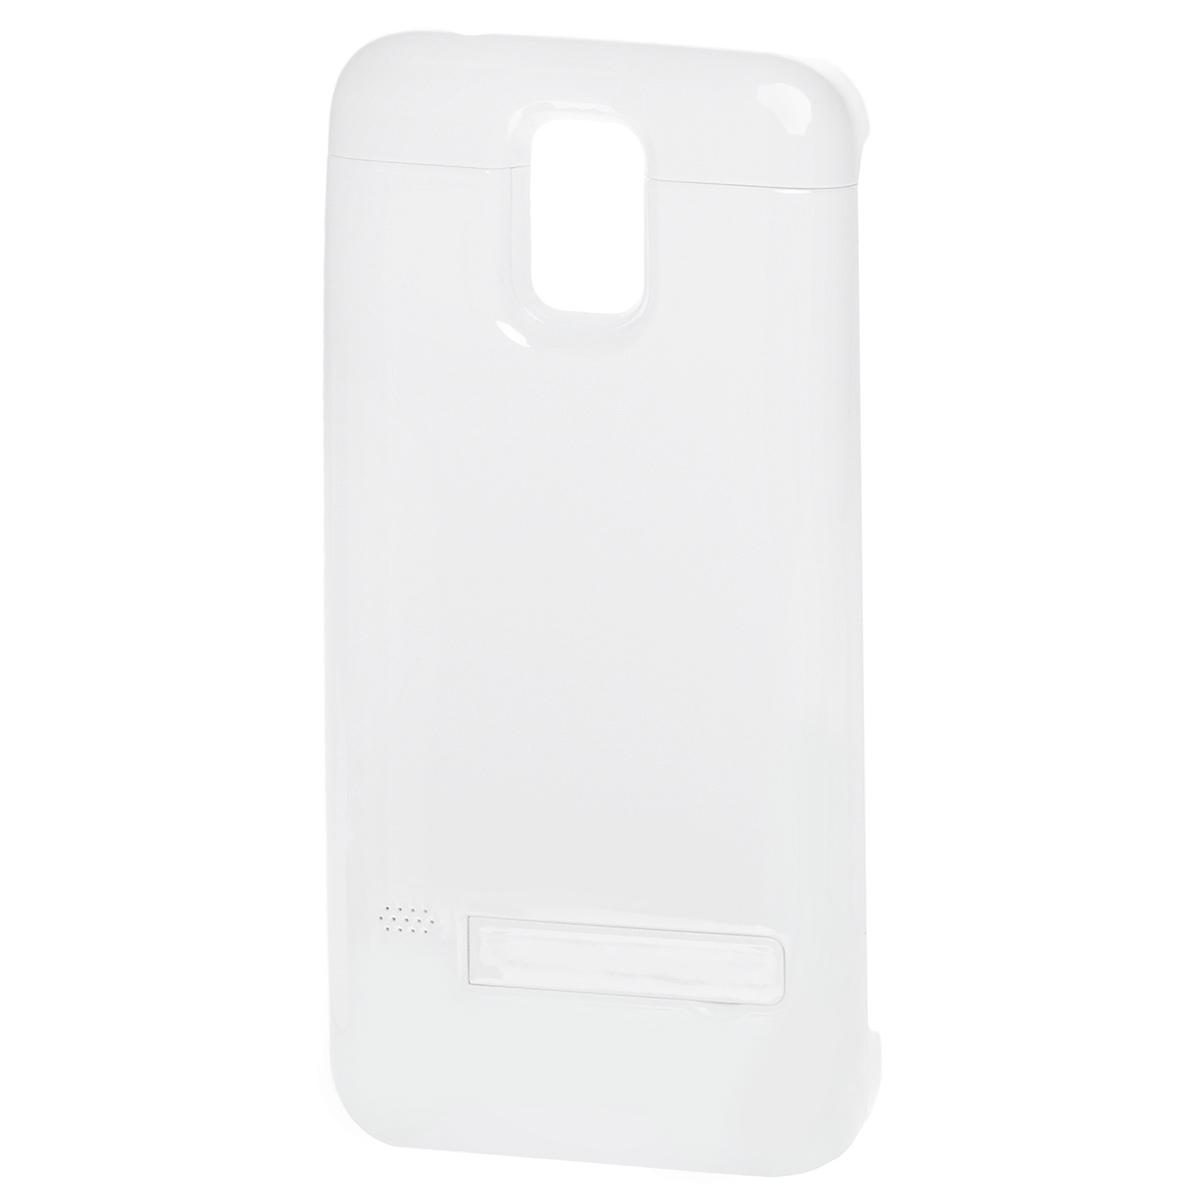 EXEQ HelpinG-SC08 чехол-аккумулятор для Samsung Galaxy S5, White (3300 мАч, клип-кейс)HelpinG-SC08 WHExeq HelpinG-SС08 – универсальный аксессуар, благодаря которому ваш смартфон не только будет надежно защищен, но и обеспеченсвоевременной подзарядкой! Exeq HelpinG-SС08 выполнен из прочного прорезиненного пластика, который надежно защитит смартфон от ударов,царапин и загрязнений. Встроенный аккумулятор емкостью в 3300 мАч обеспечит своевременную подзарядку батареи смартфона в самыенеобходимые моменты его использования.Также чехол Exeq HelpinG-SС08 оборудован встроенной подставкой, которая позволит надежно закрепить телефон в горизонтальном положении,например для просмотра видео, чтения электронных книг. Заряжается чехол-аккумулятор Exeq HelpinG-SС08 от зарядного устройства телефона,причем заряжать оба устройства можно не извлекая телефон из чехла. Так для зарядки телефона просто подсоедините зарядное устройства кчехлу и нажмите кнопку питания на чехле, а для зарядки чехла просто подсоедините зарядное устройство к нему. Аналогично происходит иподключение телефона к компьютеру – чехол-аккумулятор Exeq HelpinG обеспечивает идеальную передачу данных между смартфоном и другимиэлектронными устройствами.